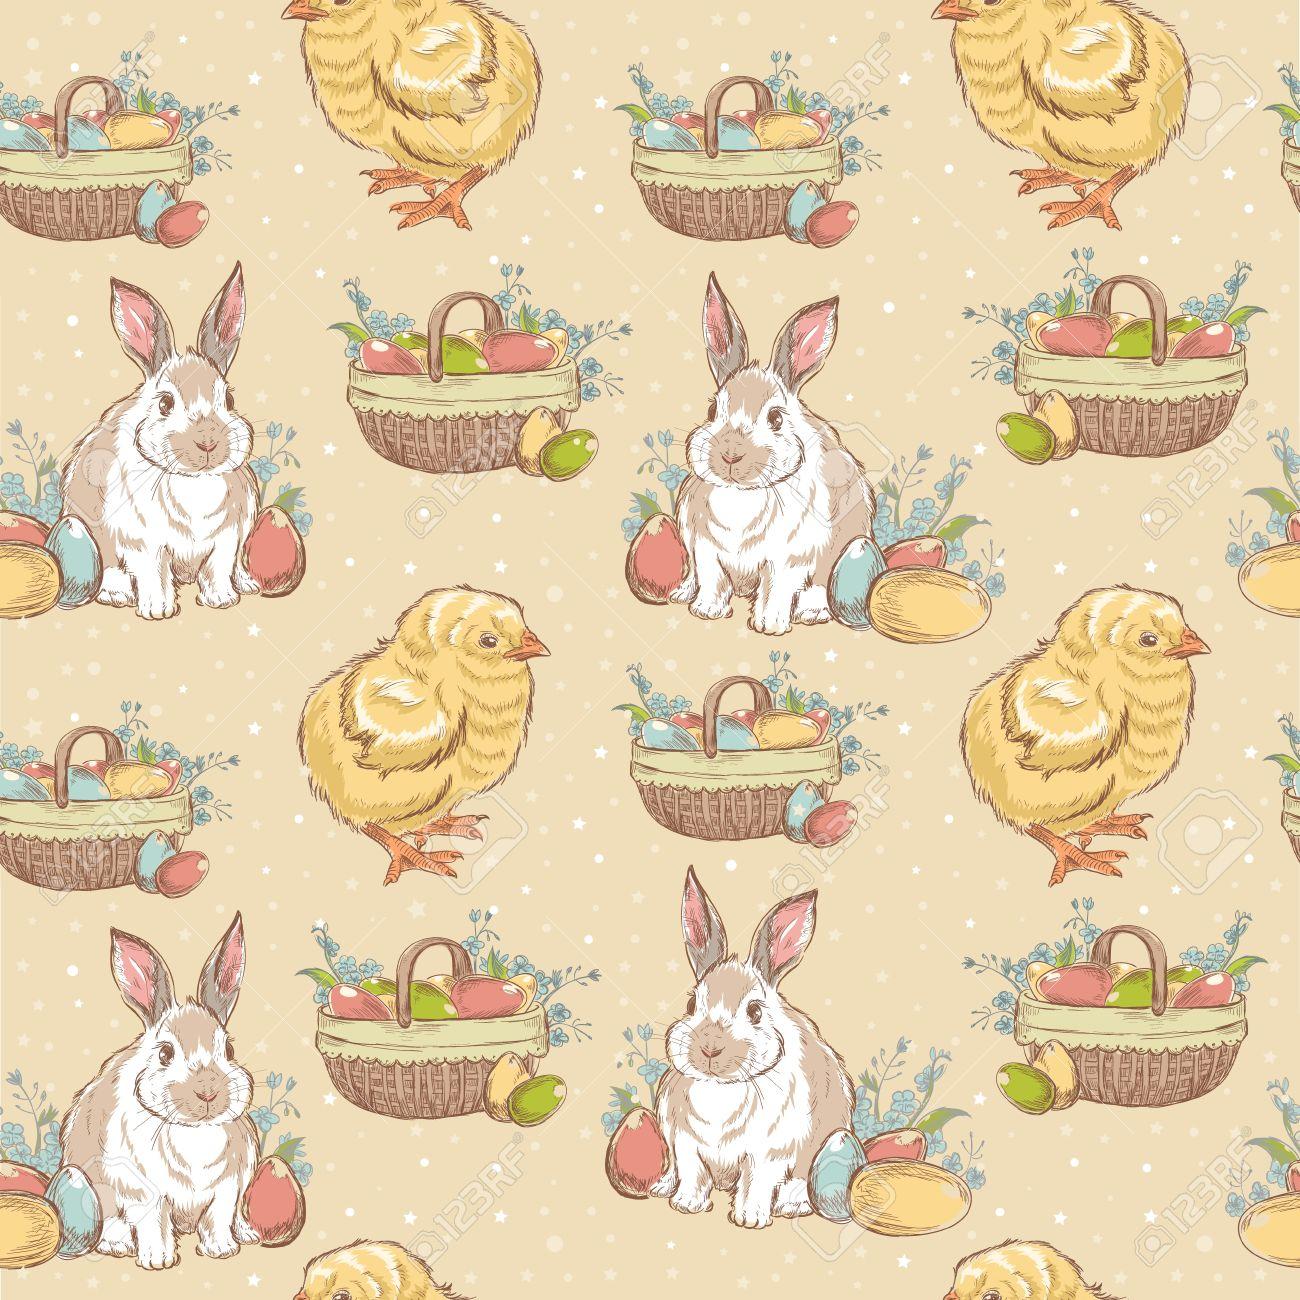 Vintage easter basket clipart jpg royalty free stock 13,656 Easter Basket Cliparts, Stock Vector And Royalty Free ... jpg royalty free stock